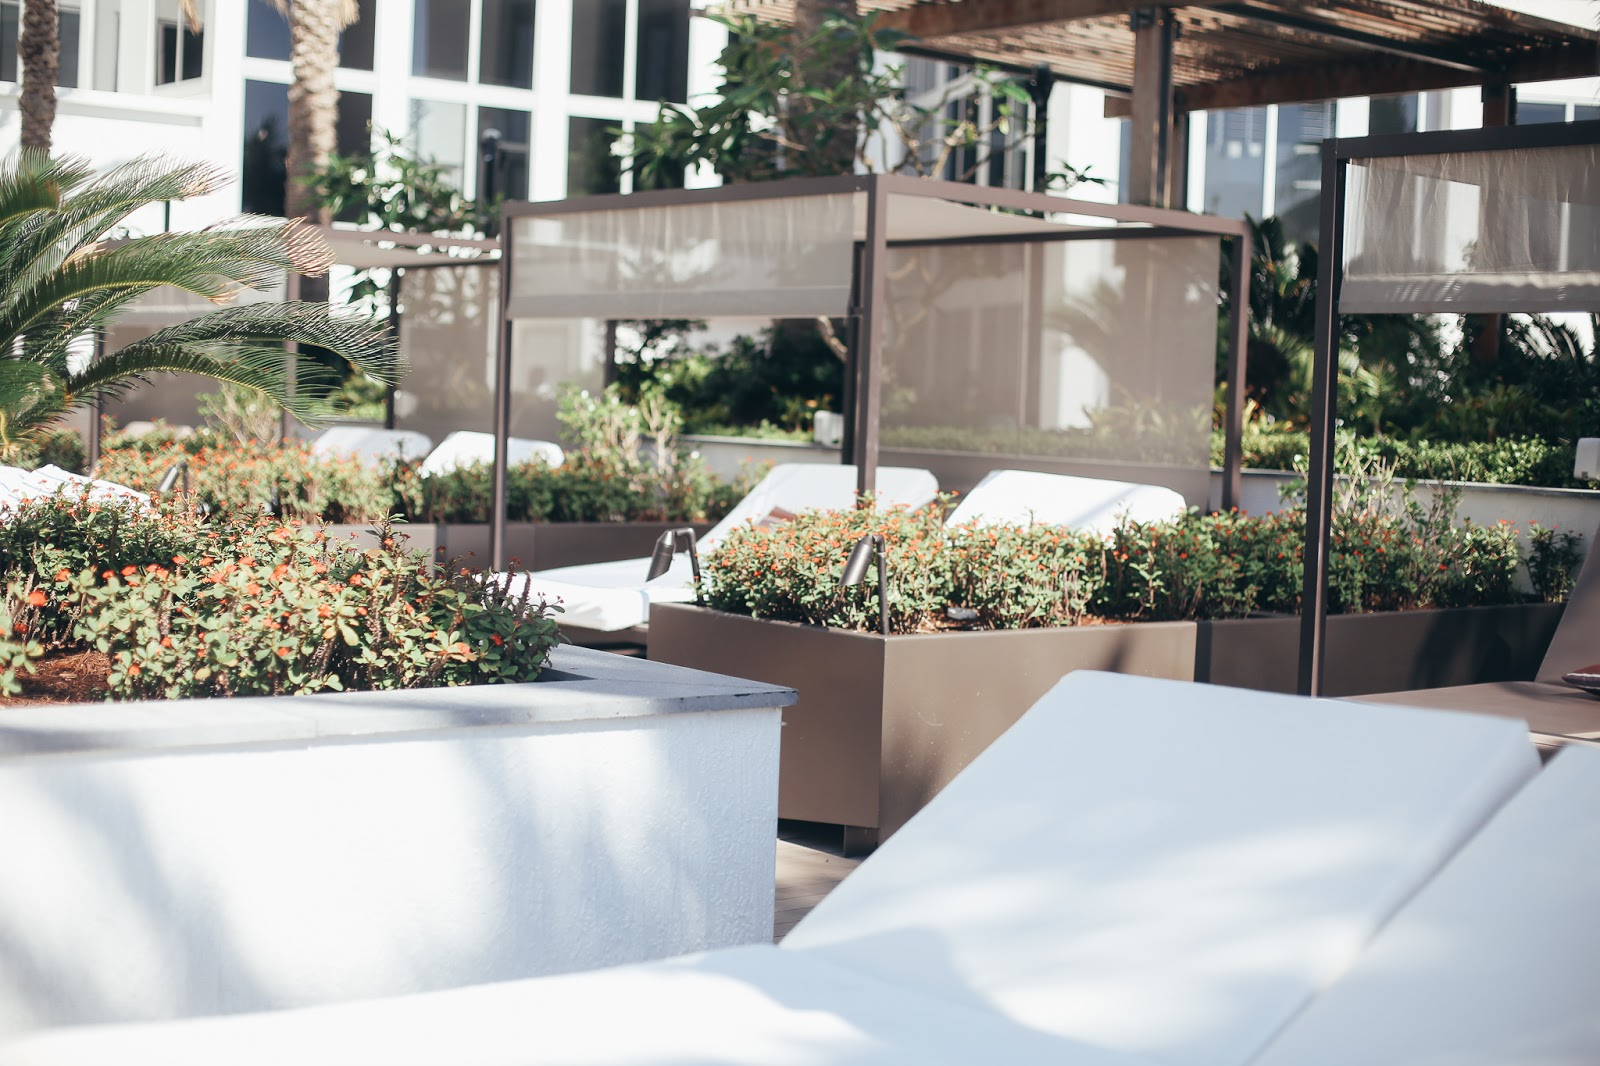 nobu Miami pool